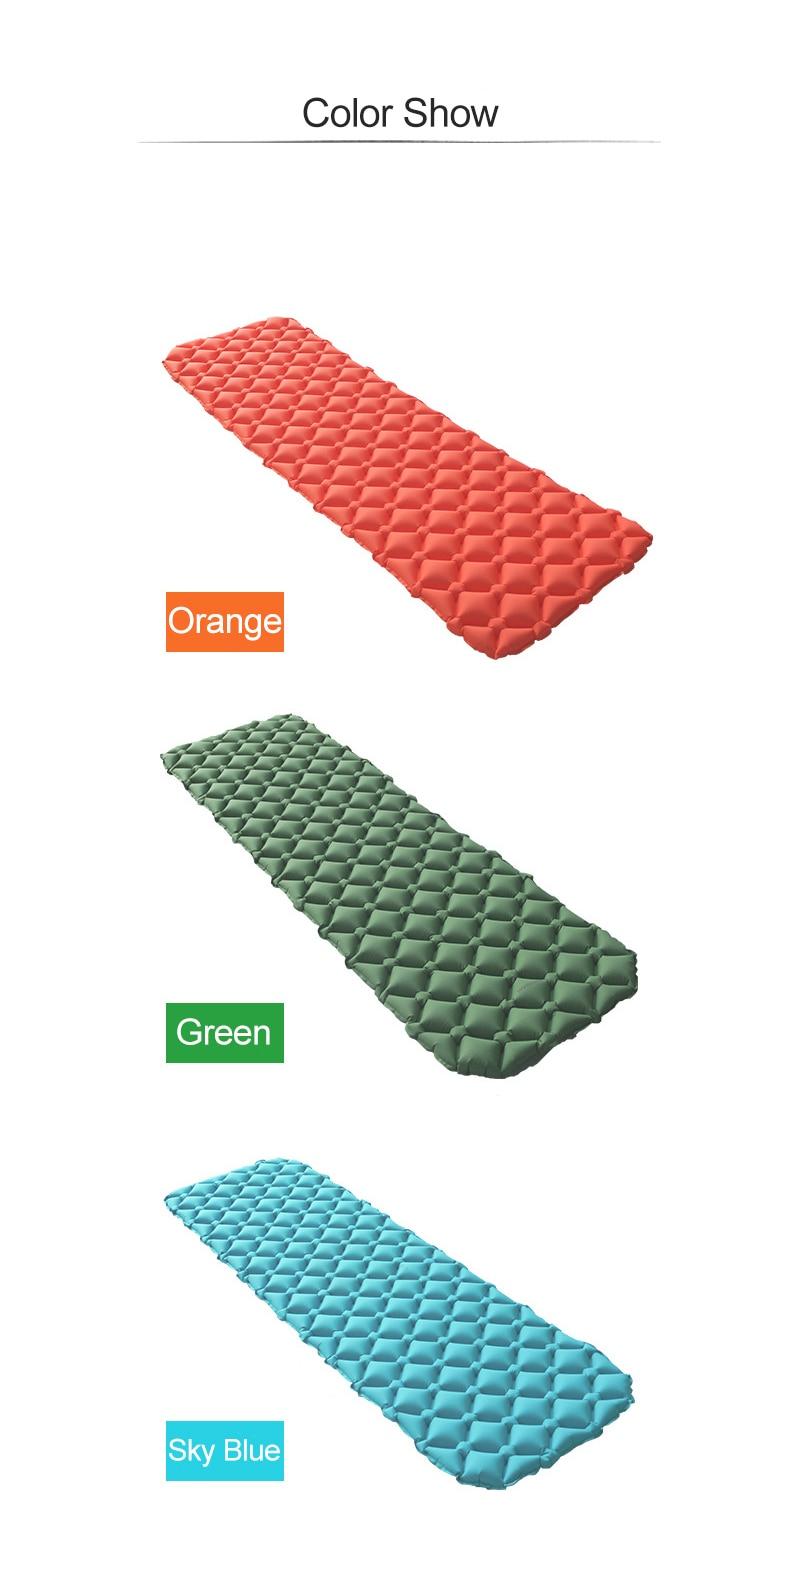 Udara Mattress Dapat Diisi Angin Tempat Tidur Untuk Tenda Comport Carpet Karpet Mercy B200 Deluxe 12cm Dua Gaya Nosel Gas Fungsi Yang Sama Pengiriman Acak